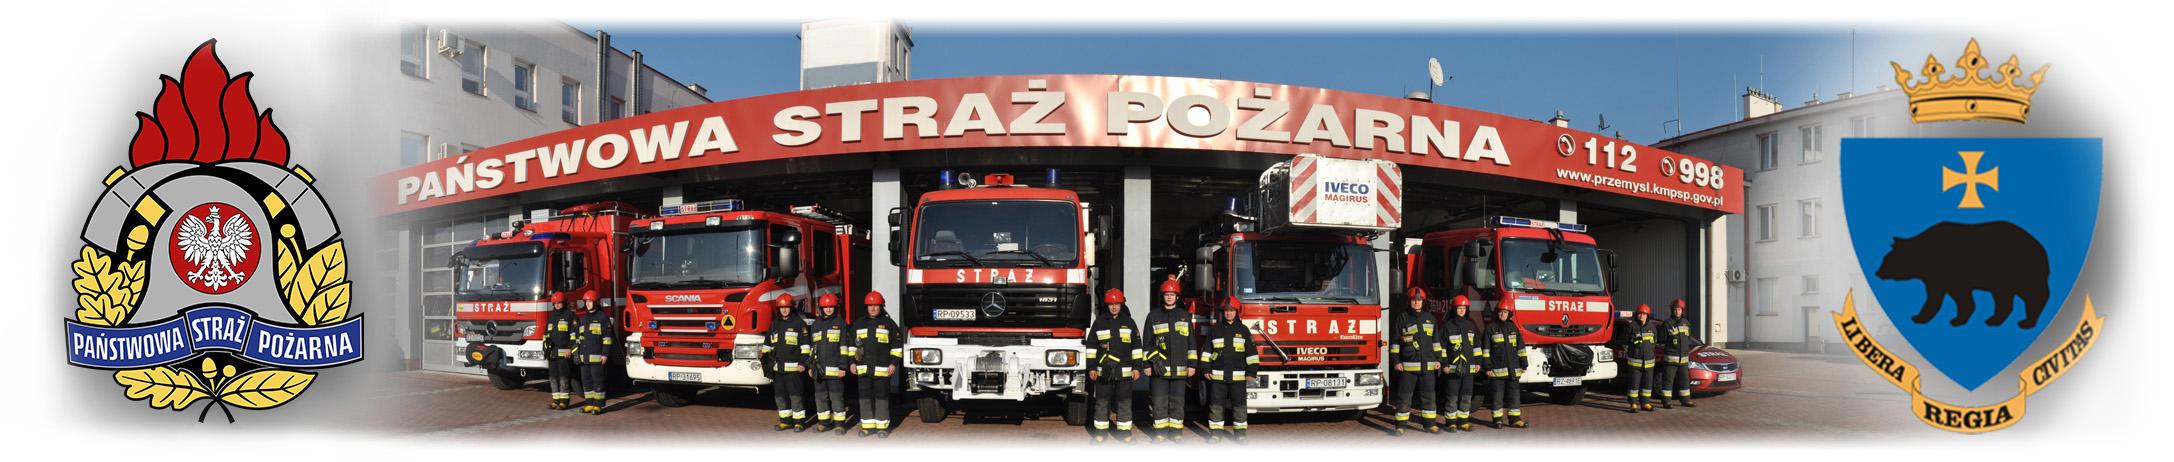 Komenda Miejska Państwowej Straży Pożarnej wPrzemyślu